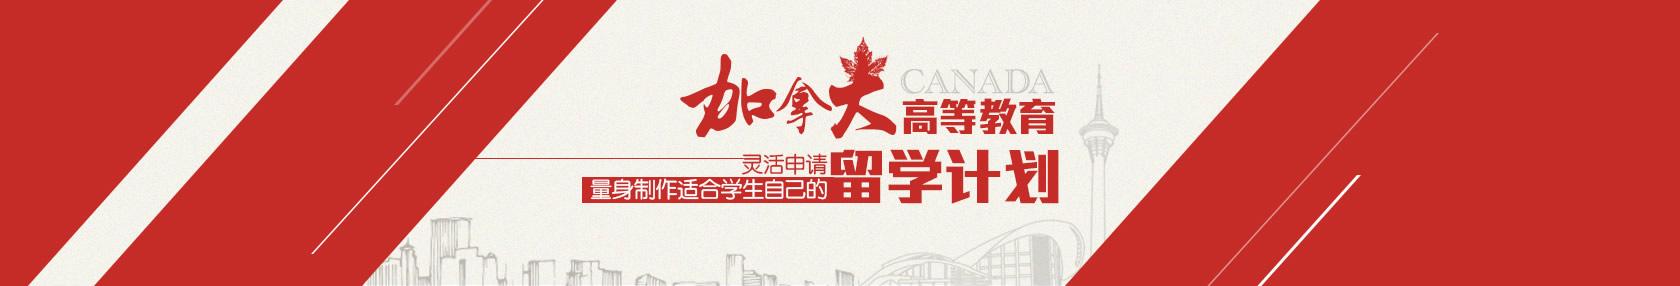 【环球出国】为您量身定制灵活加拿大高等教育留学申请计划